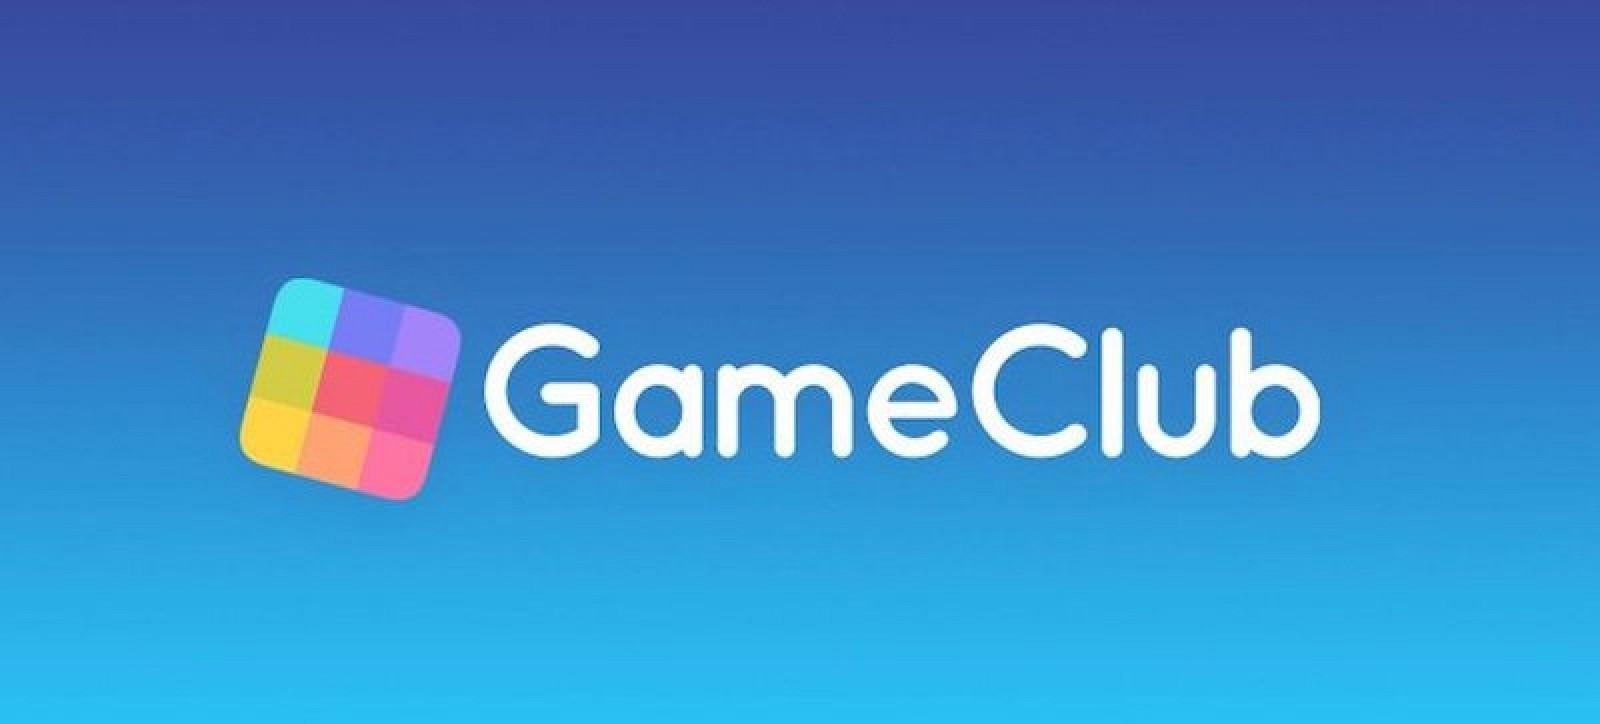 GameClub jako nová herní služba pro iOS, stojí stejně jako Apple Arcade